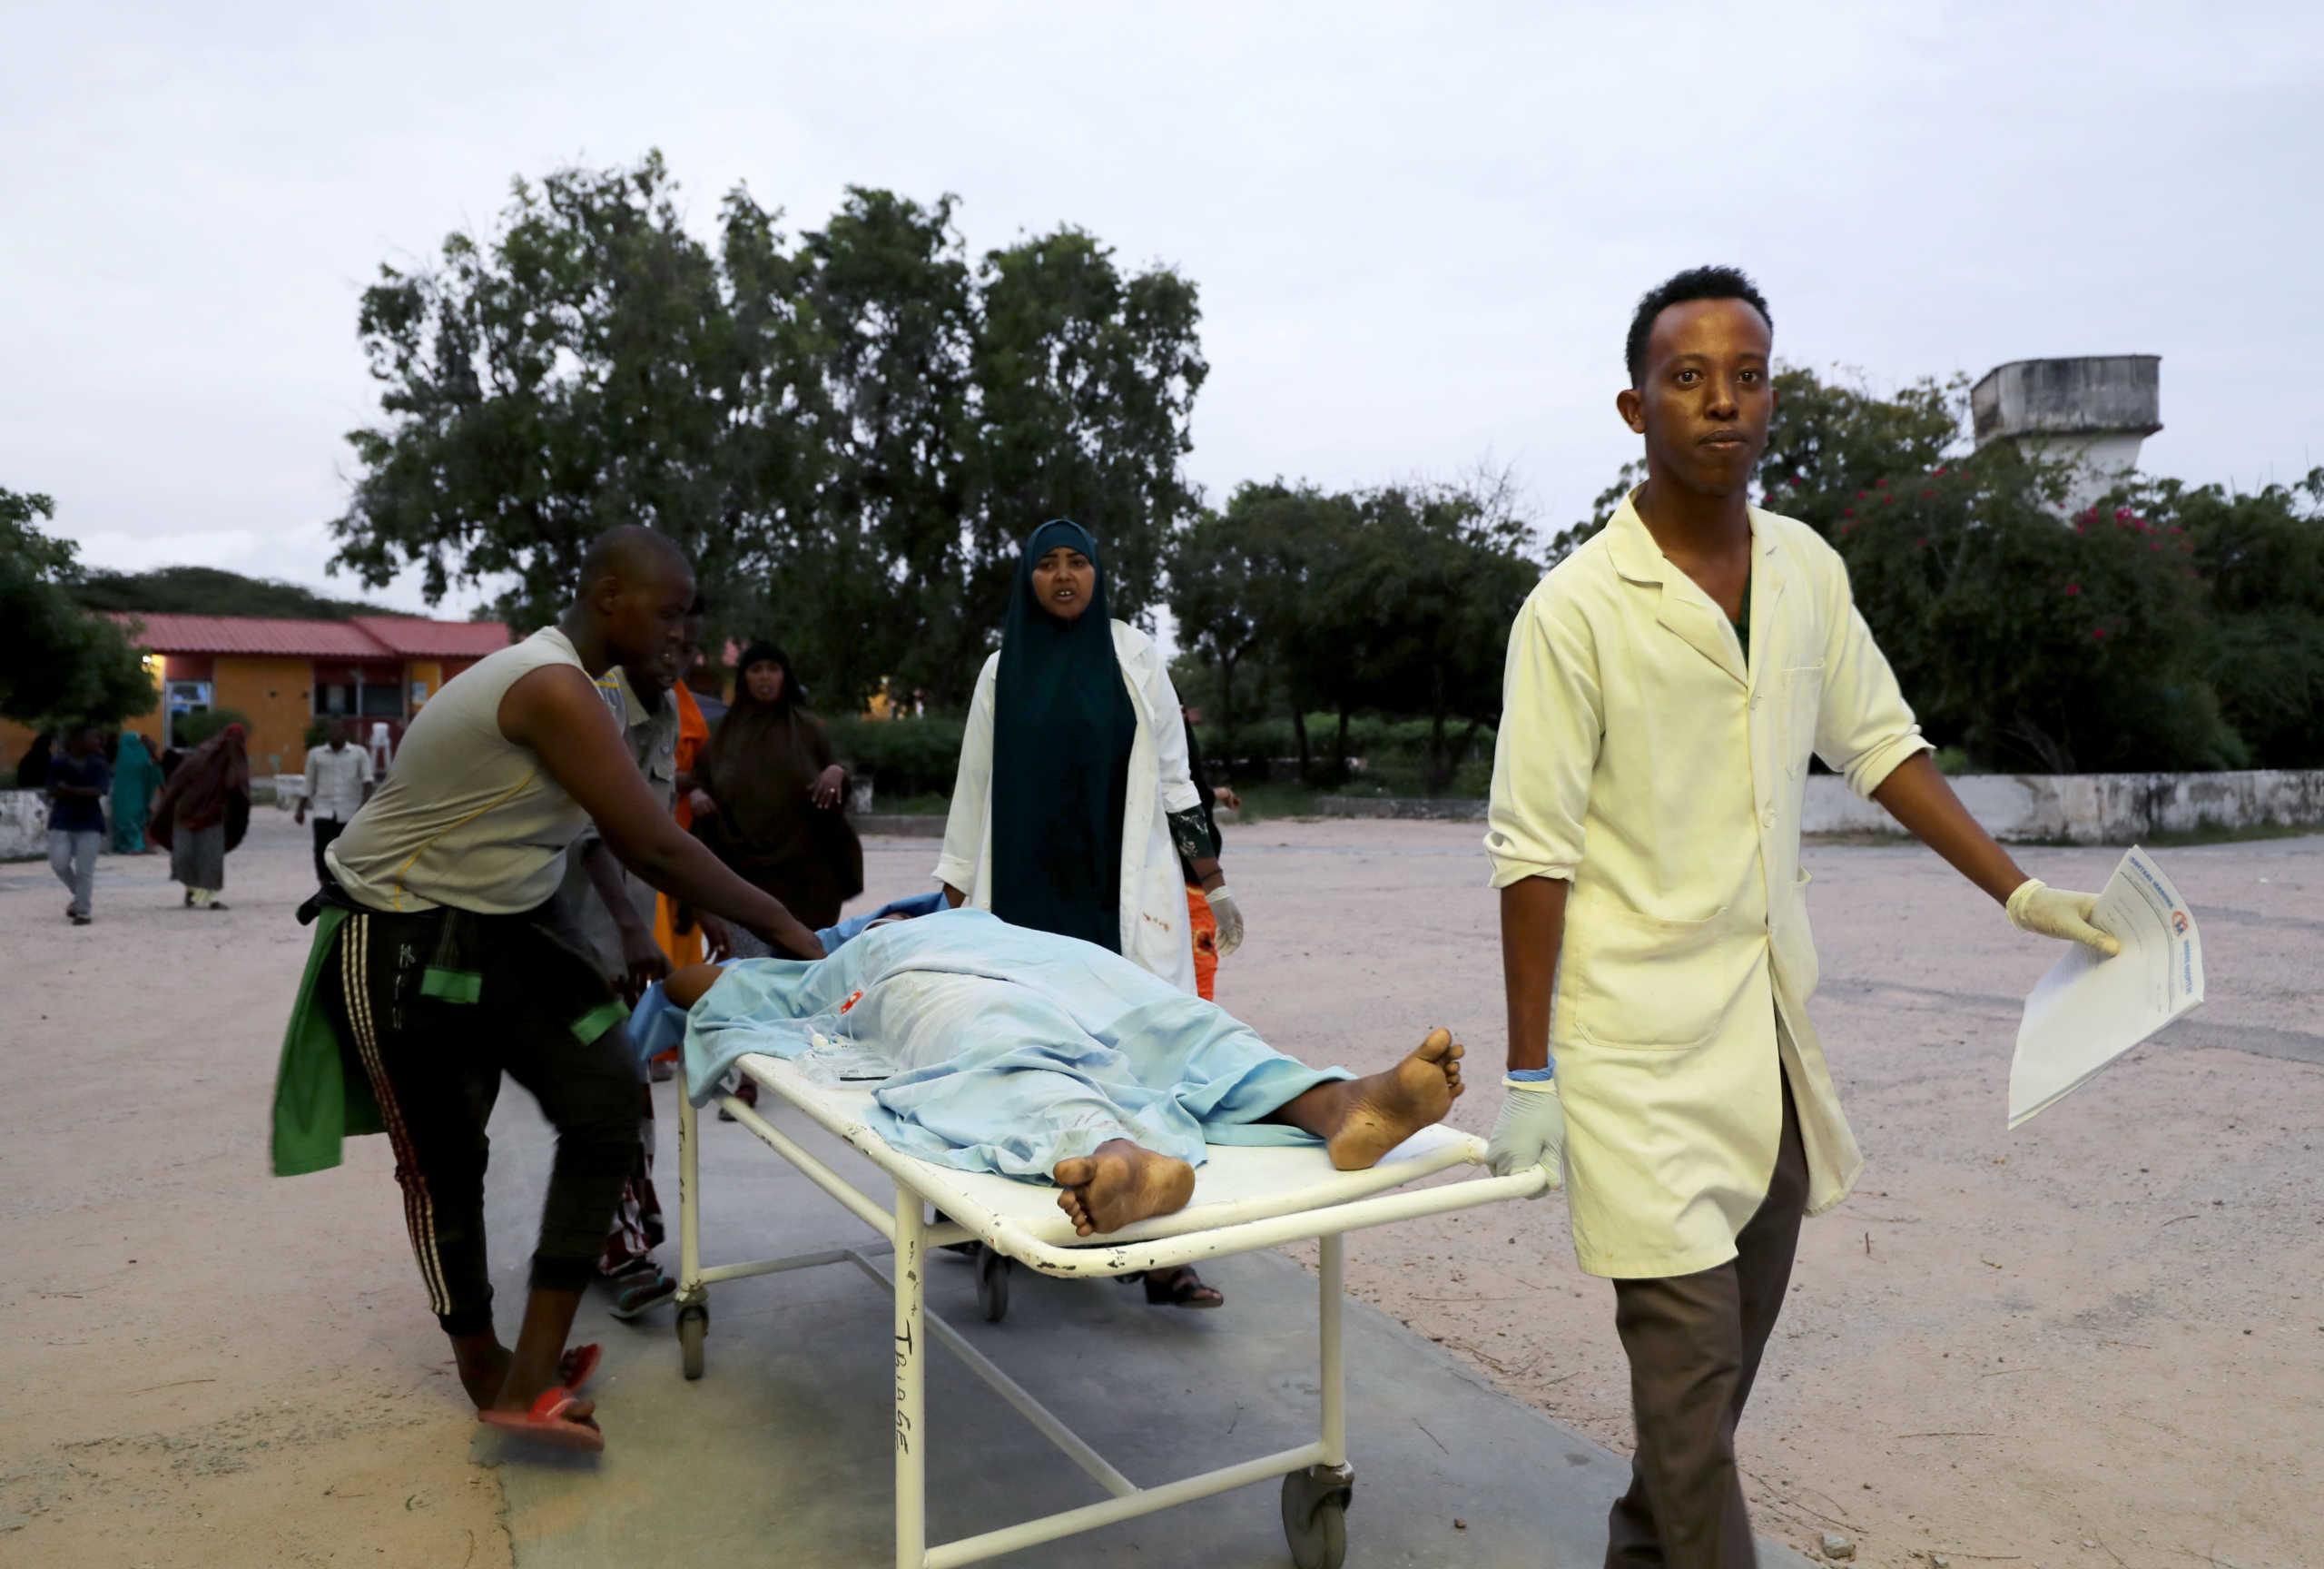 Μακελειό στη Σομαλία – Τουλάχιστον πέντε νεκροί από έκρηξη σε ξενοδοχείο